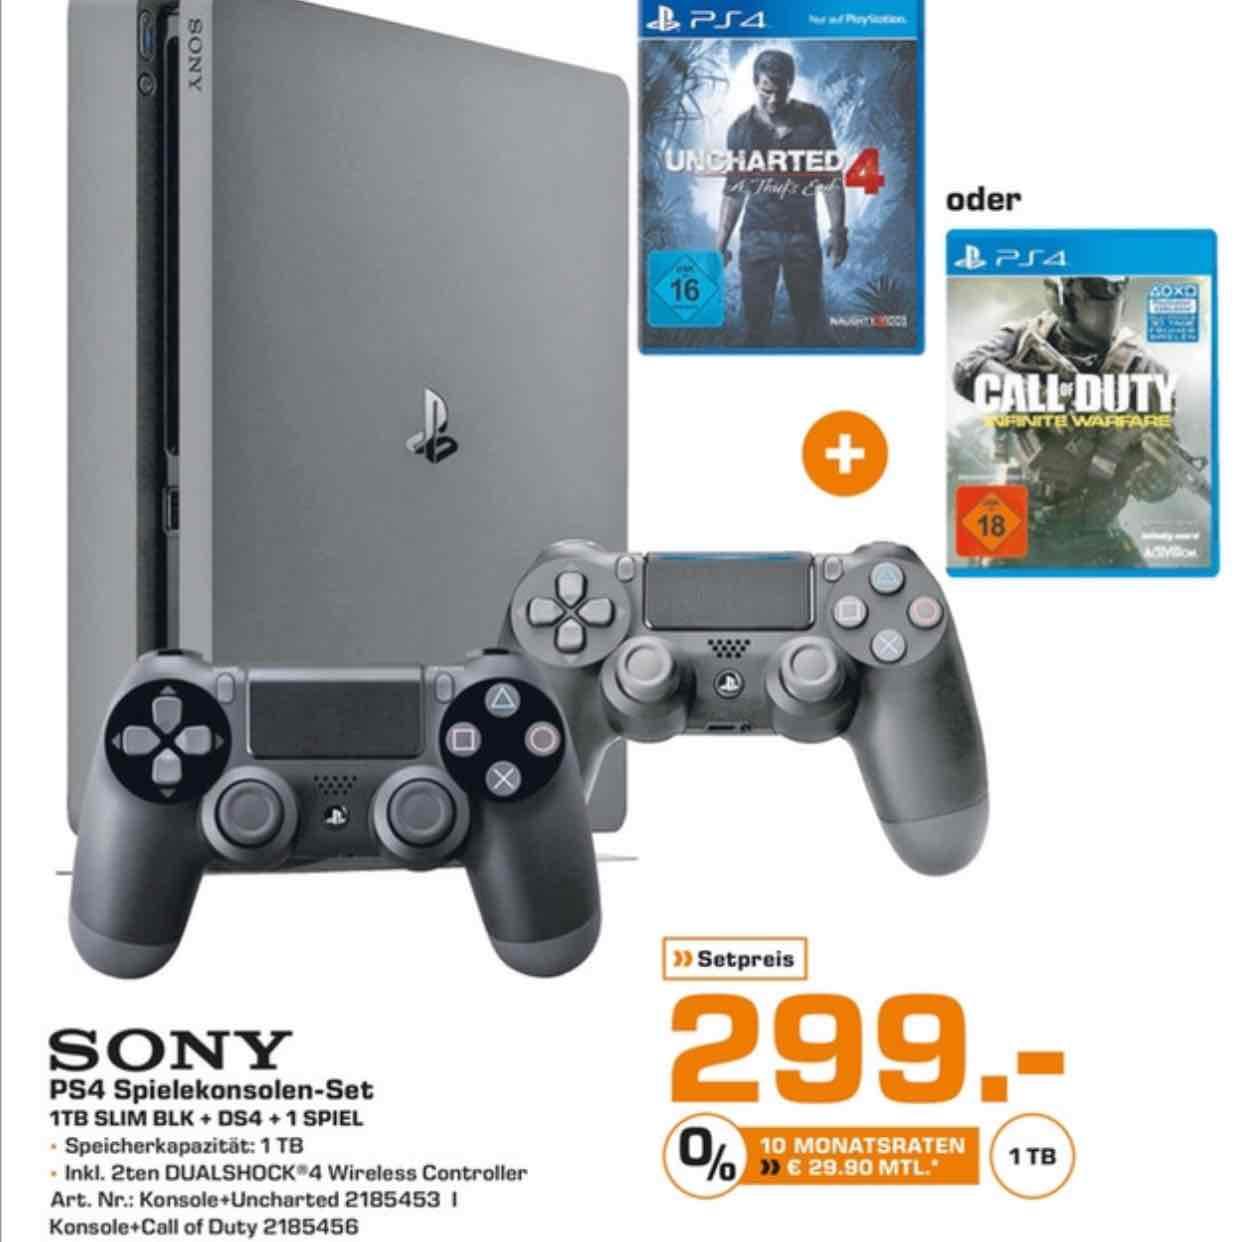 LOKAL PS4 Slim 1TB + 1 Spiel + 2. Controller für 299€ bei Saturn Stuttgart/Esslingen